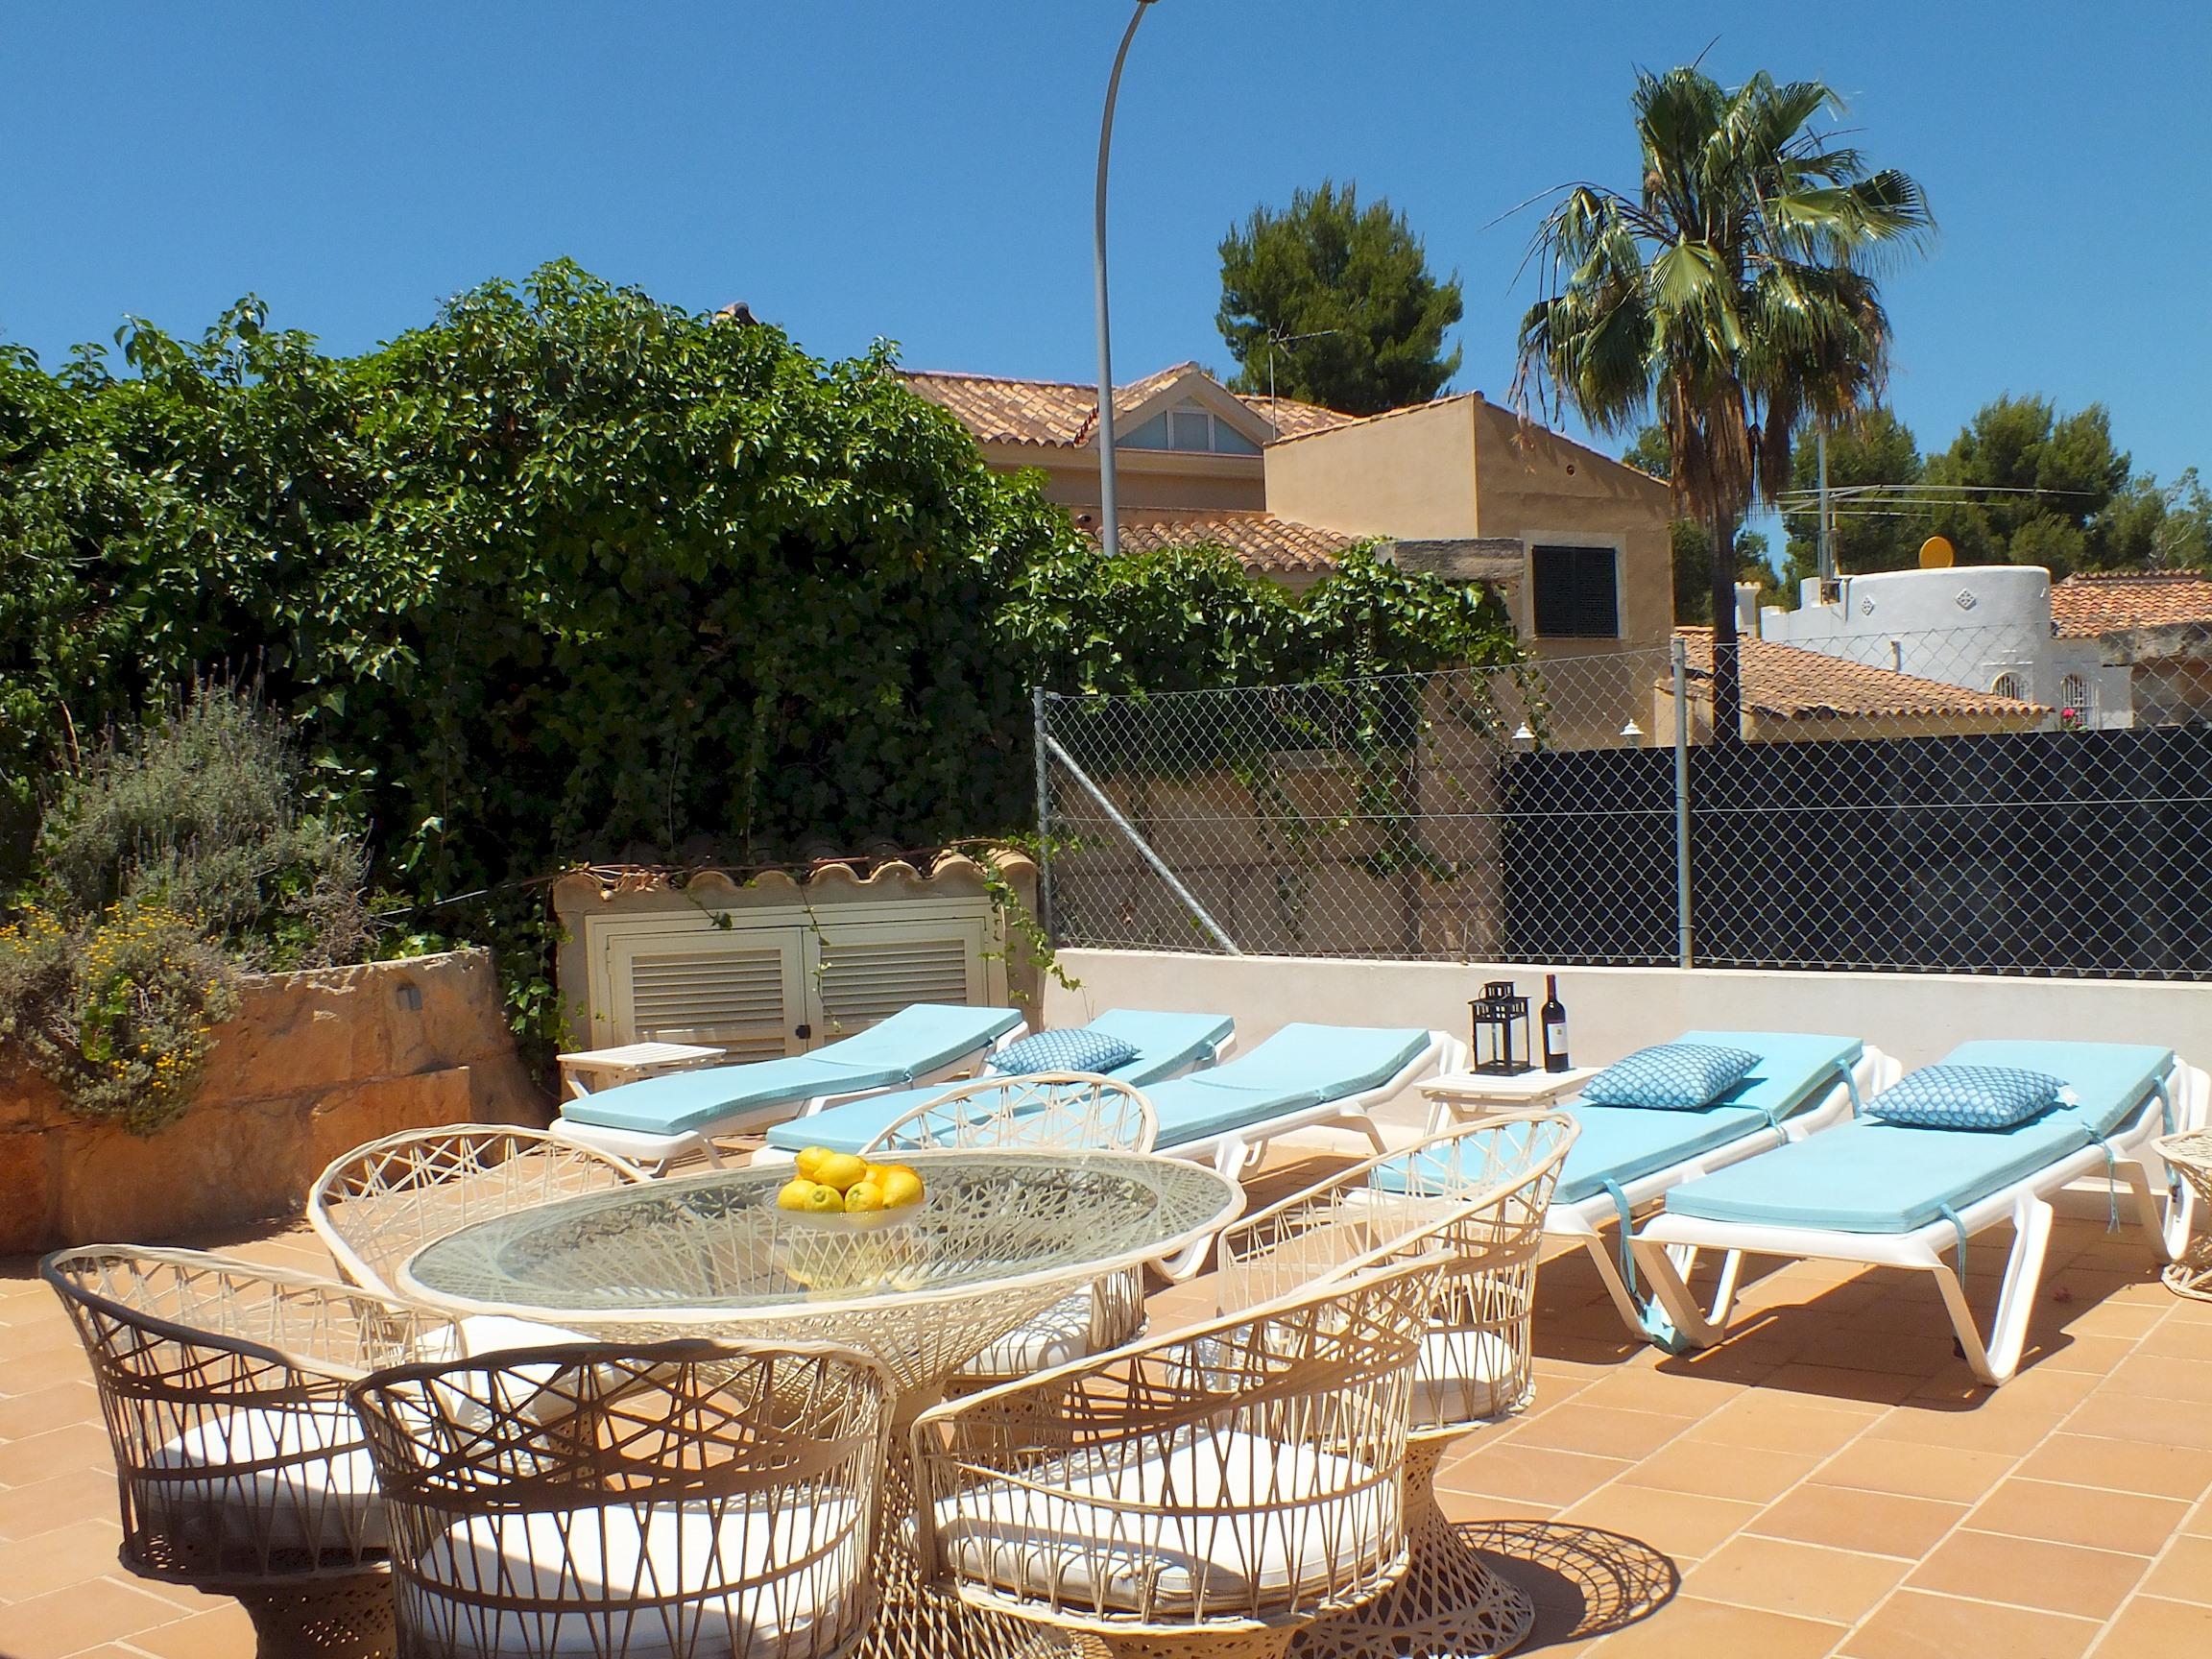 Apartment Casa Padrino  piscina privada  wifi  cerca de la playa photo 20099730